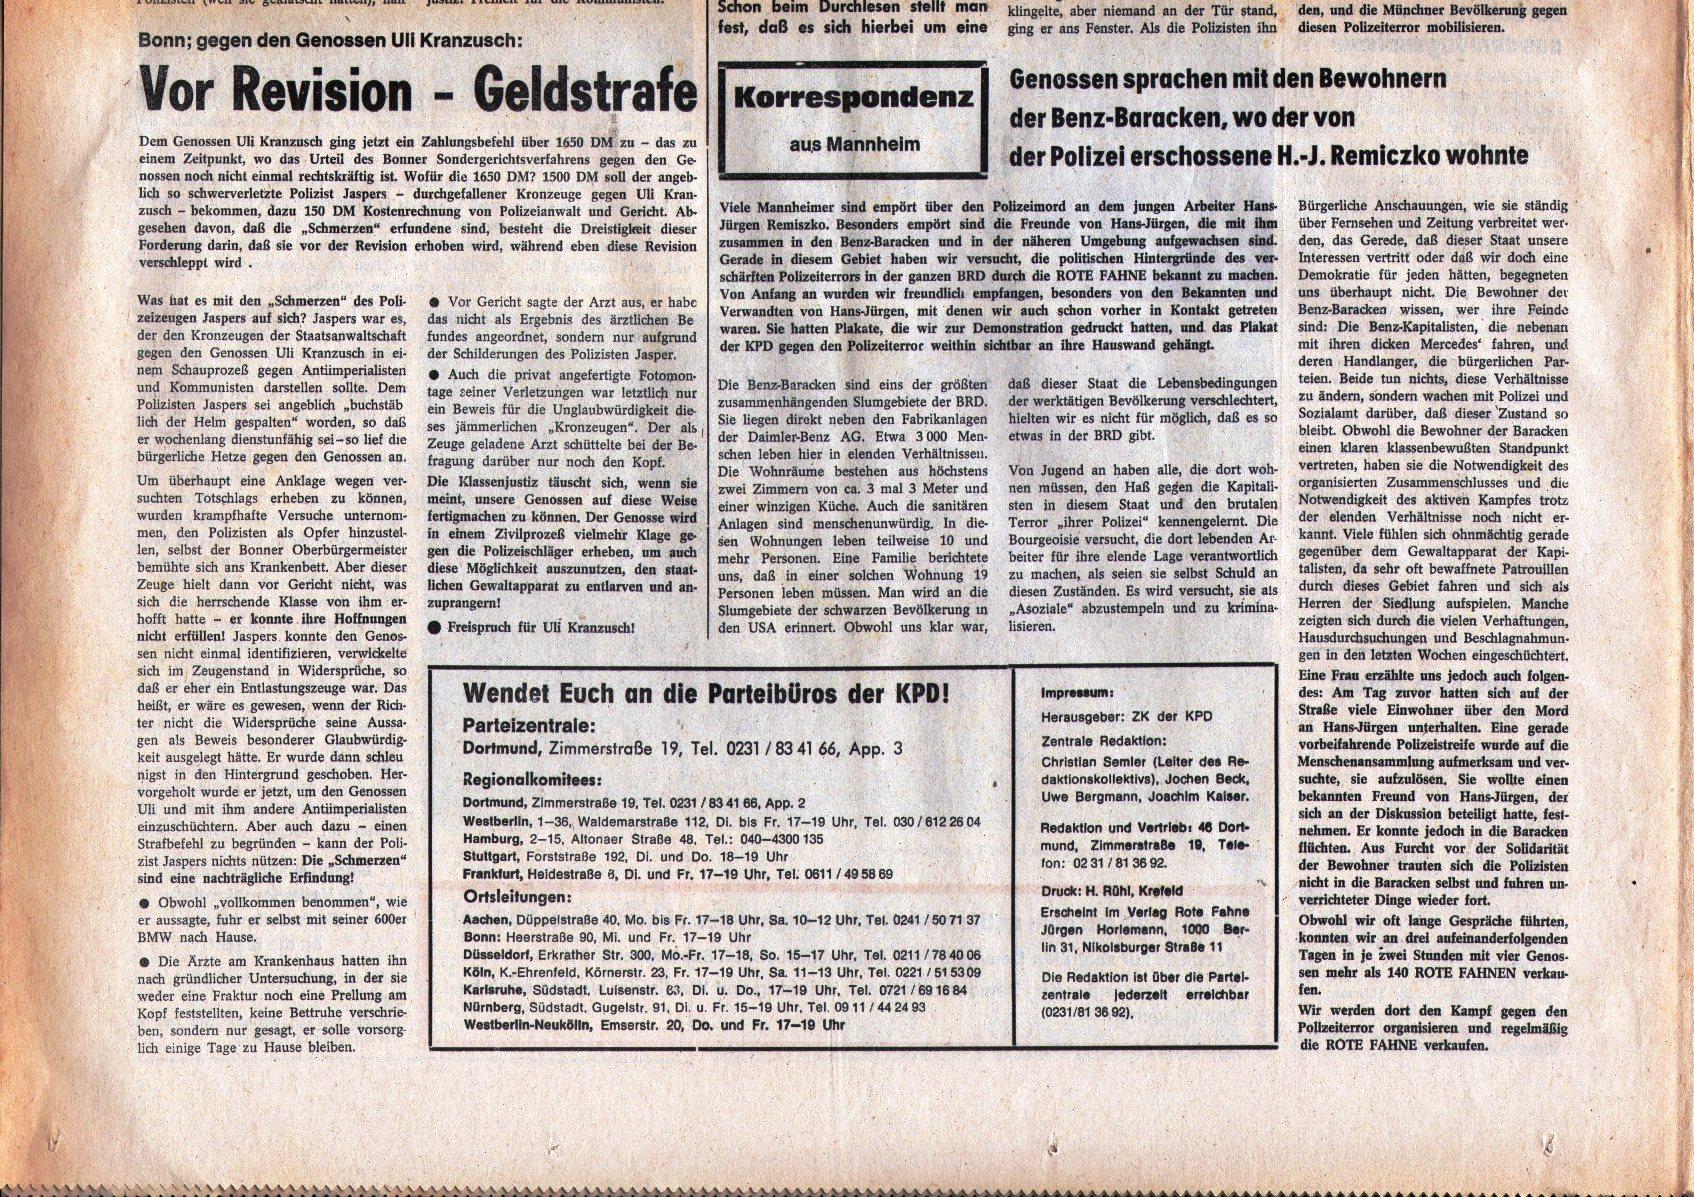 KPD_Rote_Fahne_1974_34_04